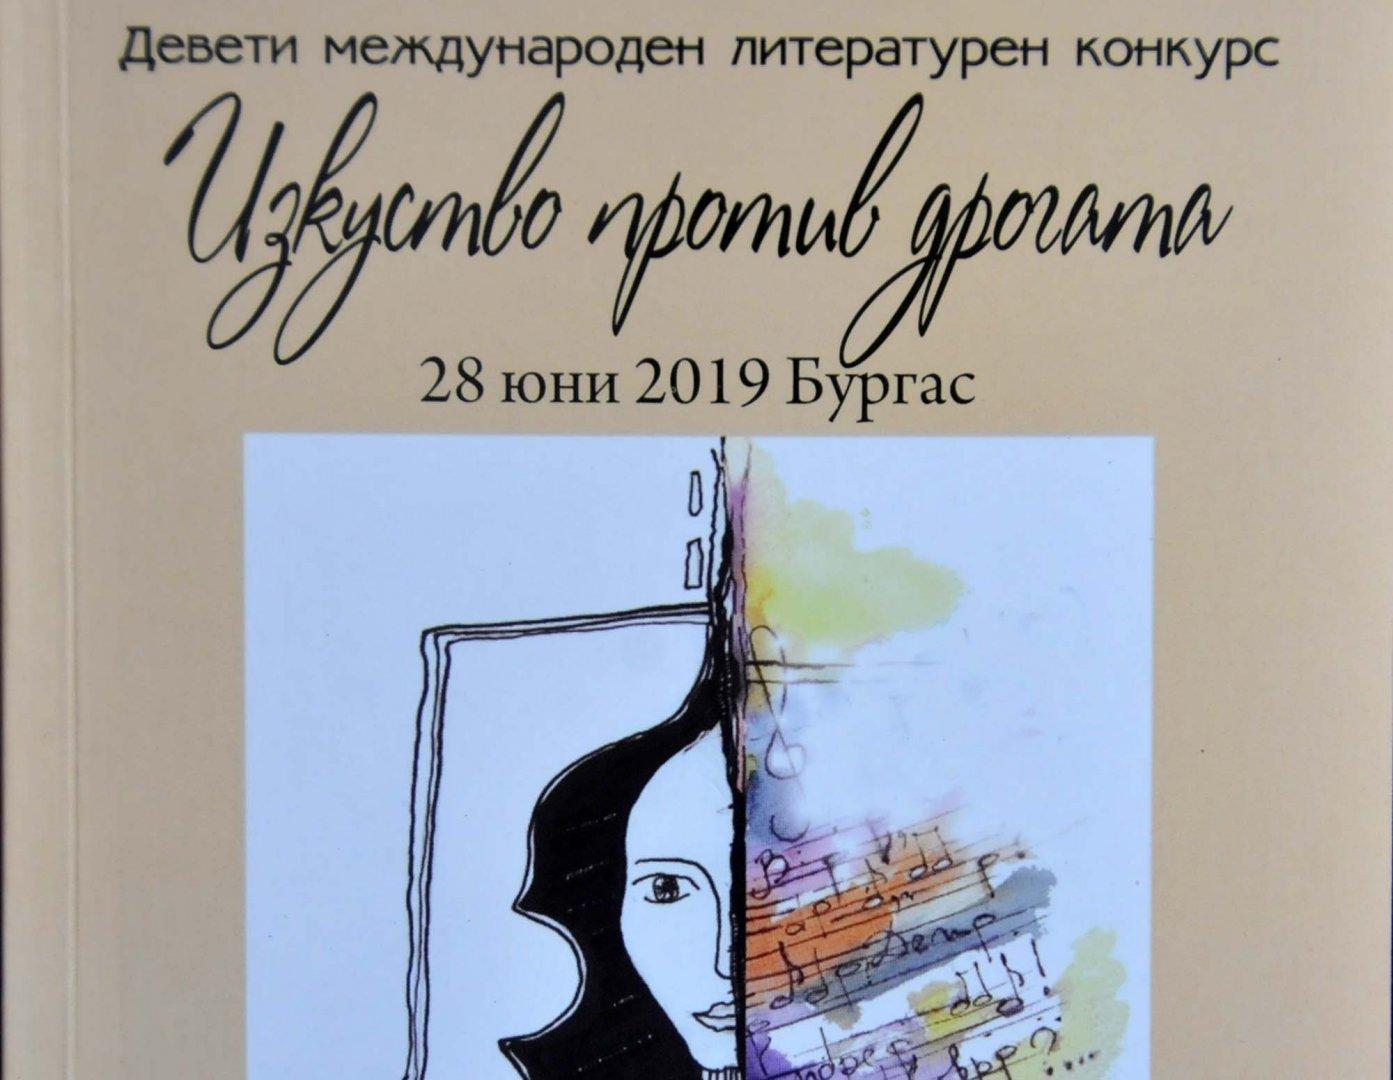 Наградените творби в конкурса са събрани в едноименен сборник